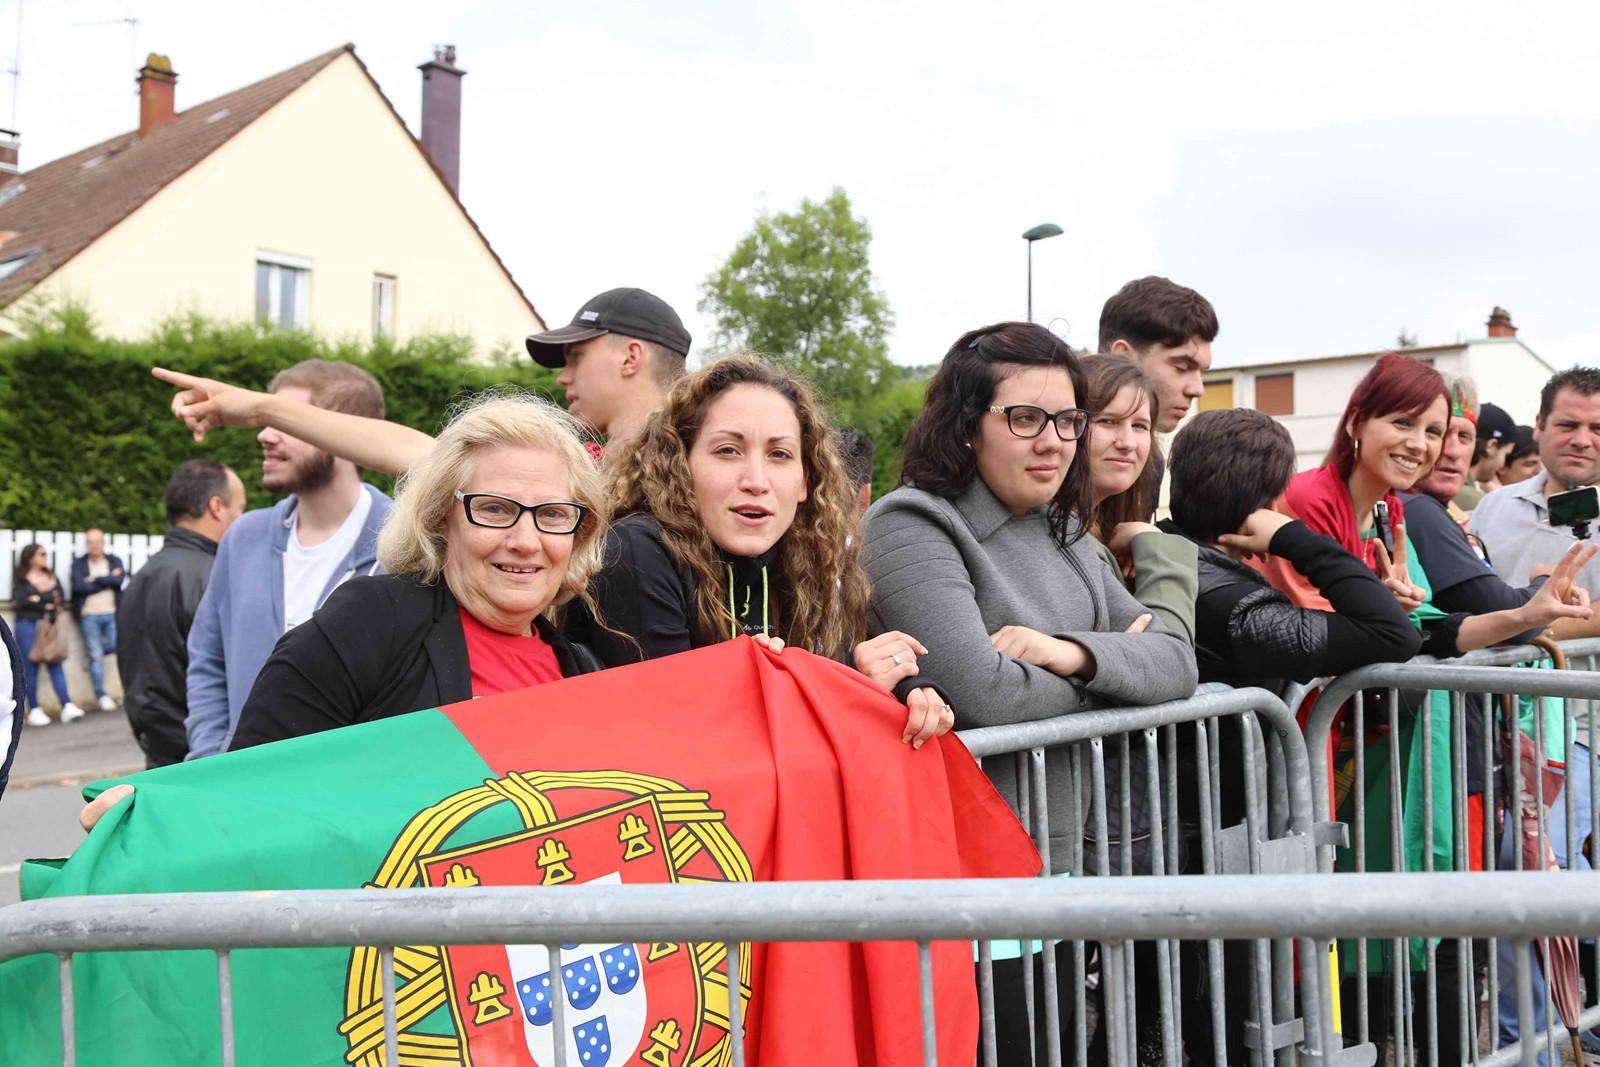 Đầu tư định cư Bồ Đào Nha cần lưu ý những điều gì?